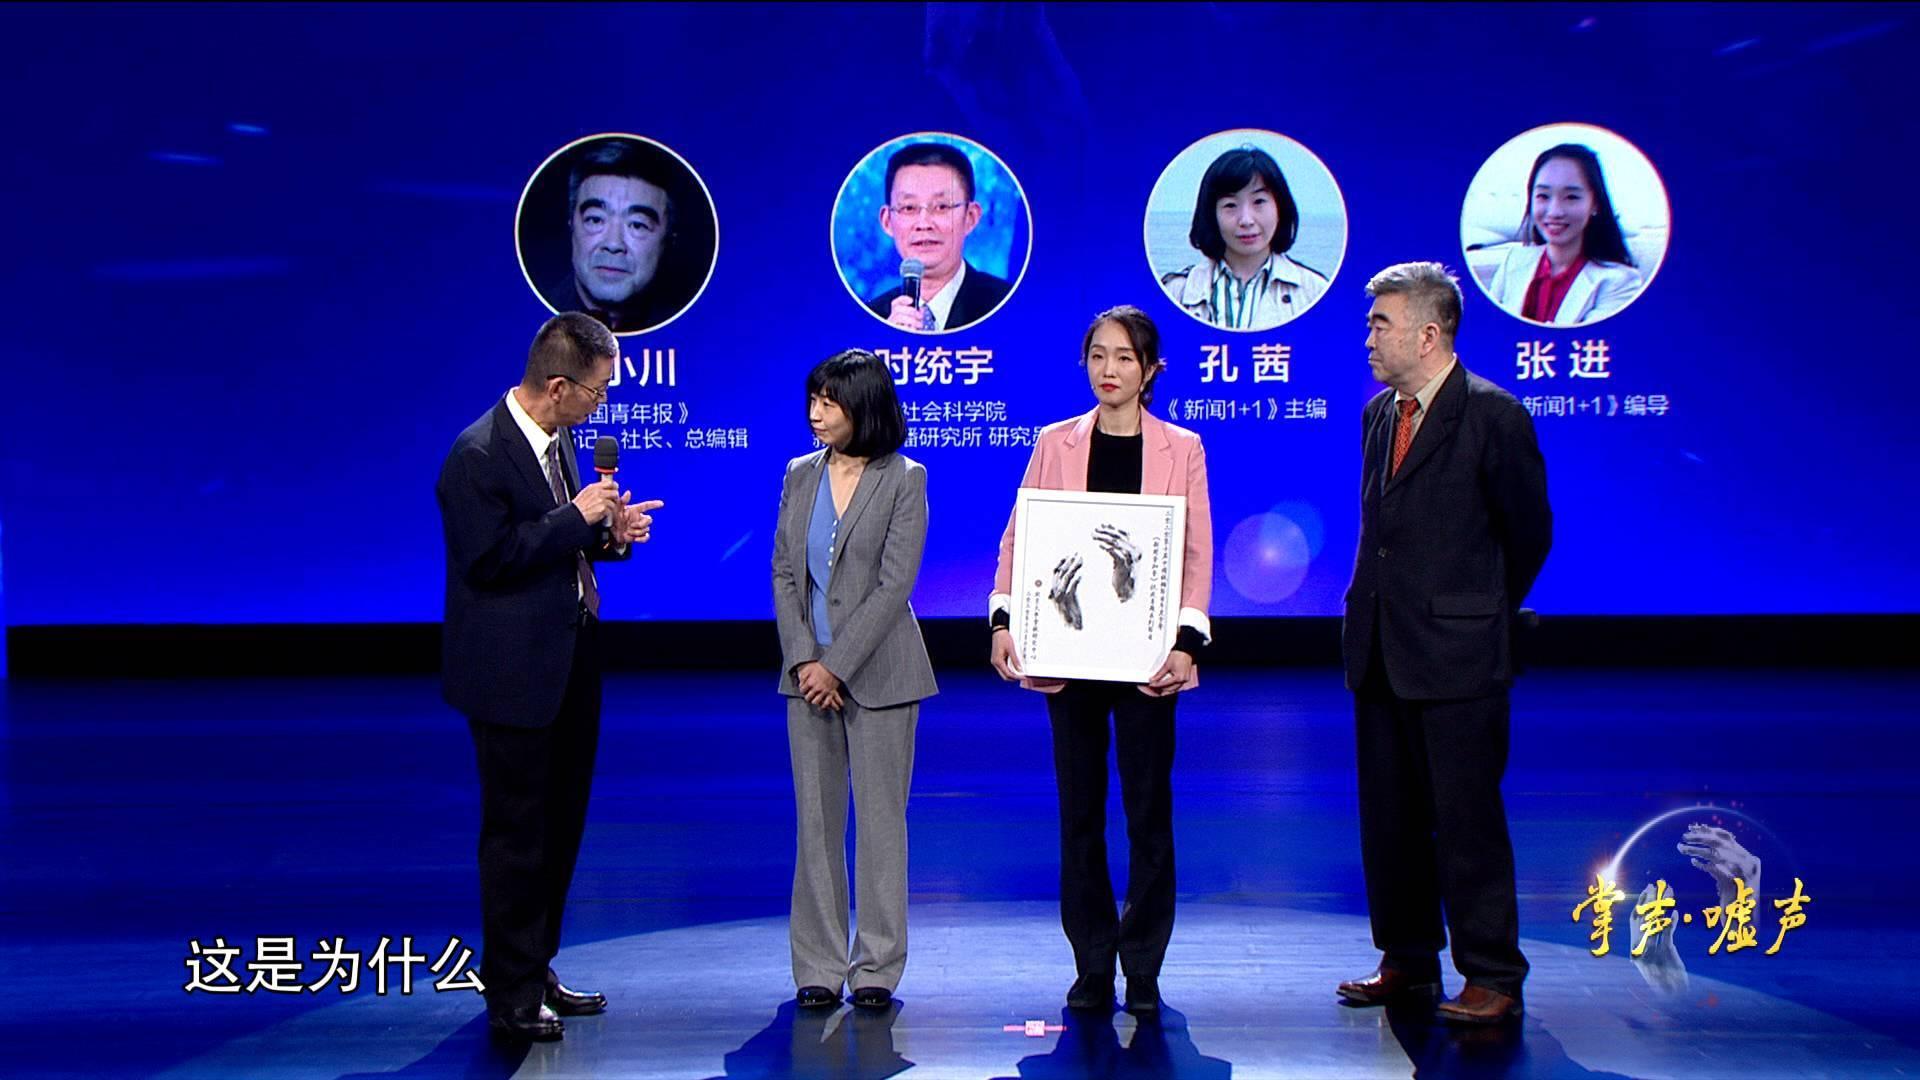 """2020中国视频节目年度""""掌声·嘘声""""丨专家话《新闻1+1》:专业性让人致敬又感动"""